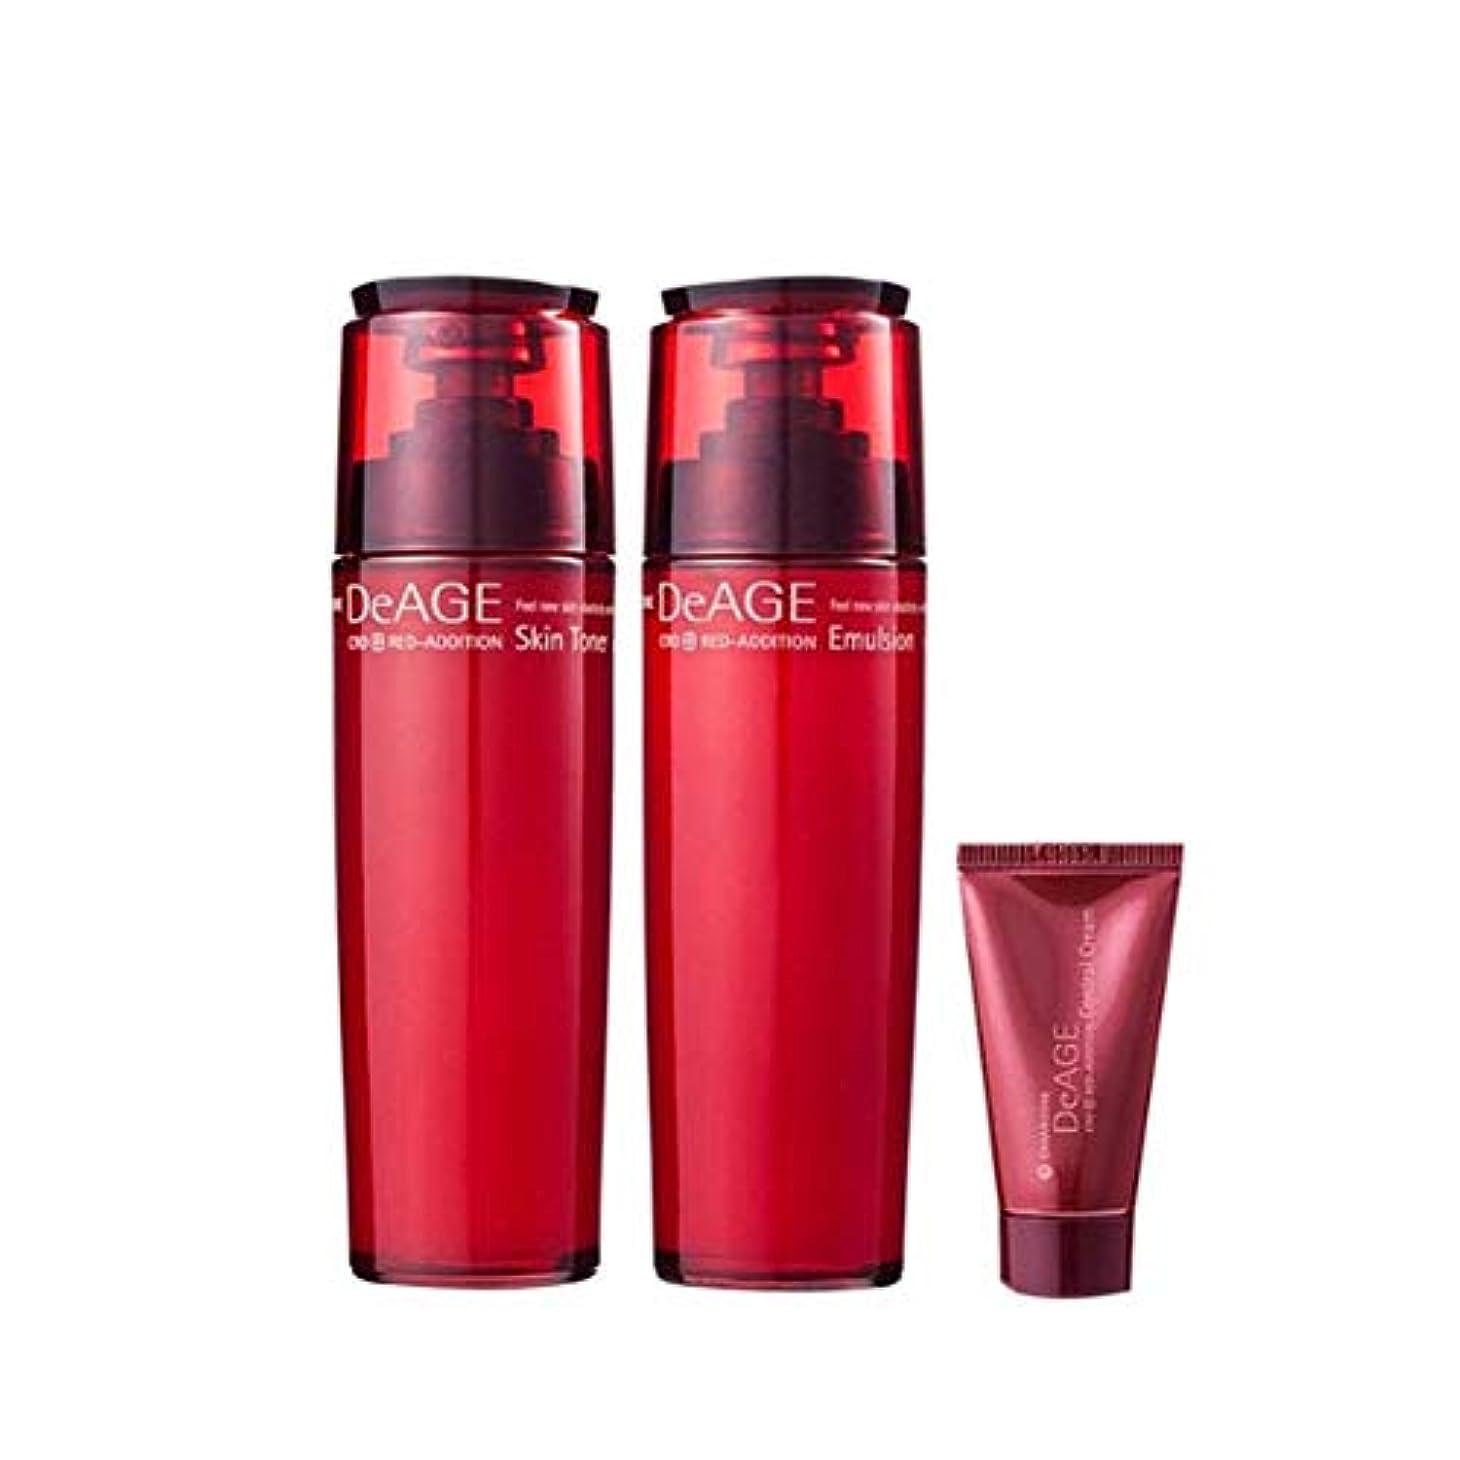 が欲しいクライマックス領事館チャムジョンディエイジレッドエディションセット(スキントナー130ml、エマルジョン130ml、コントロールクリーム15ml)、Charmzone DeAGE Red Addition Set(Skin Toner 130ml...